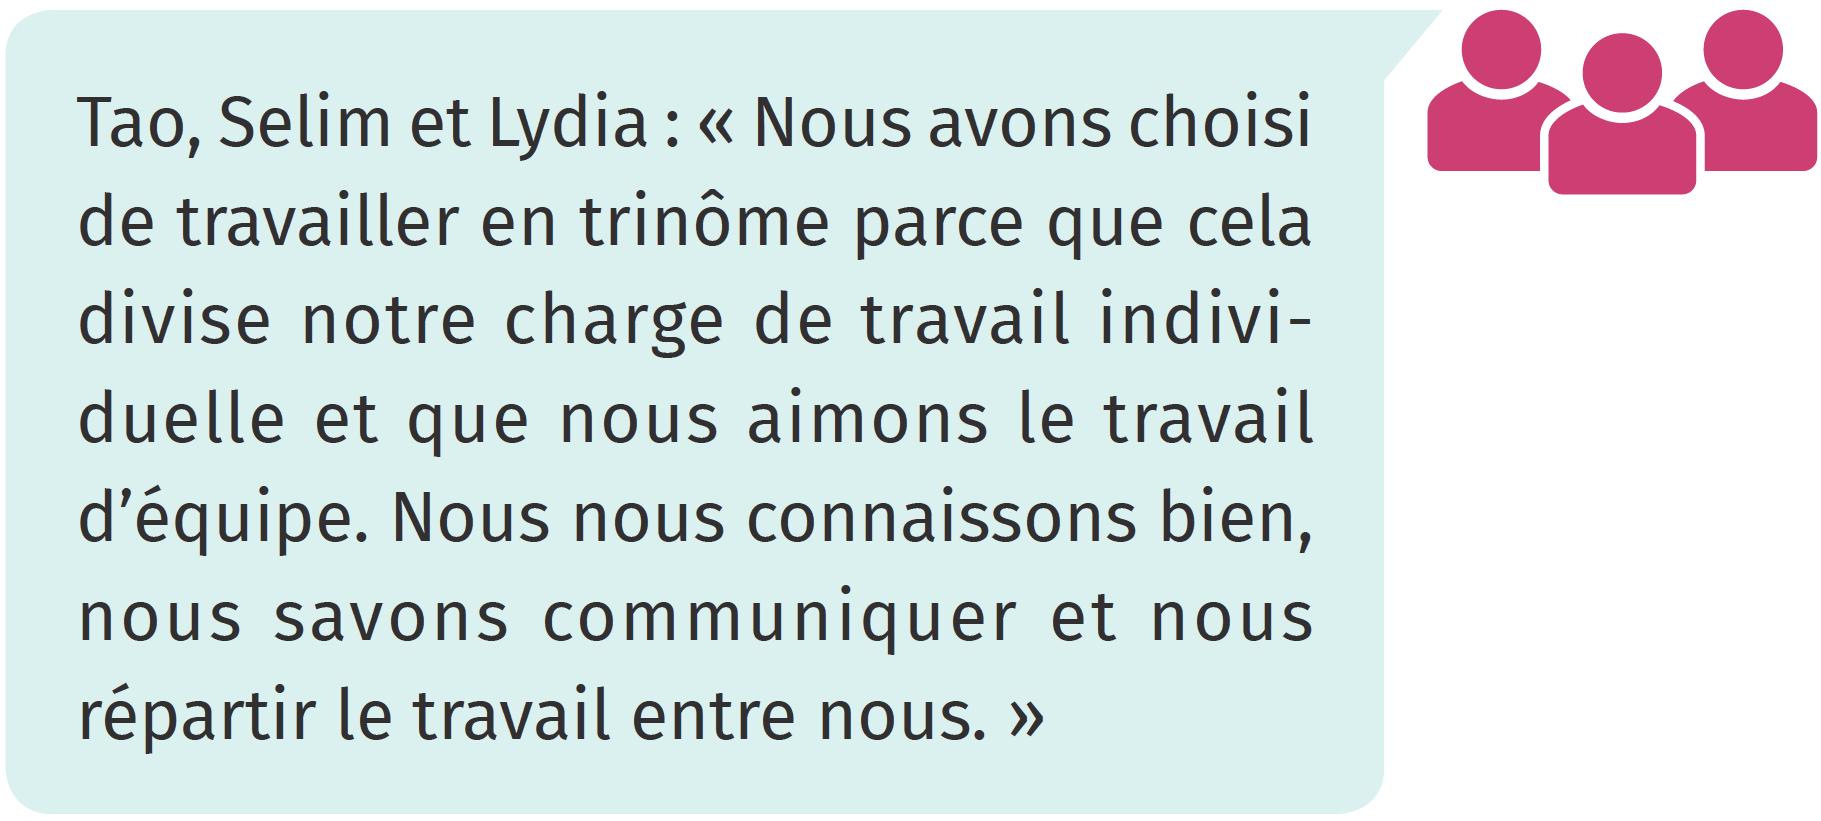 ES.1re.15-1_fiche2